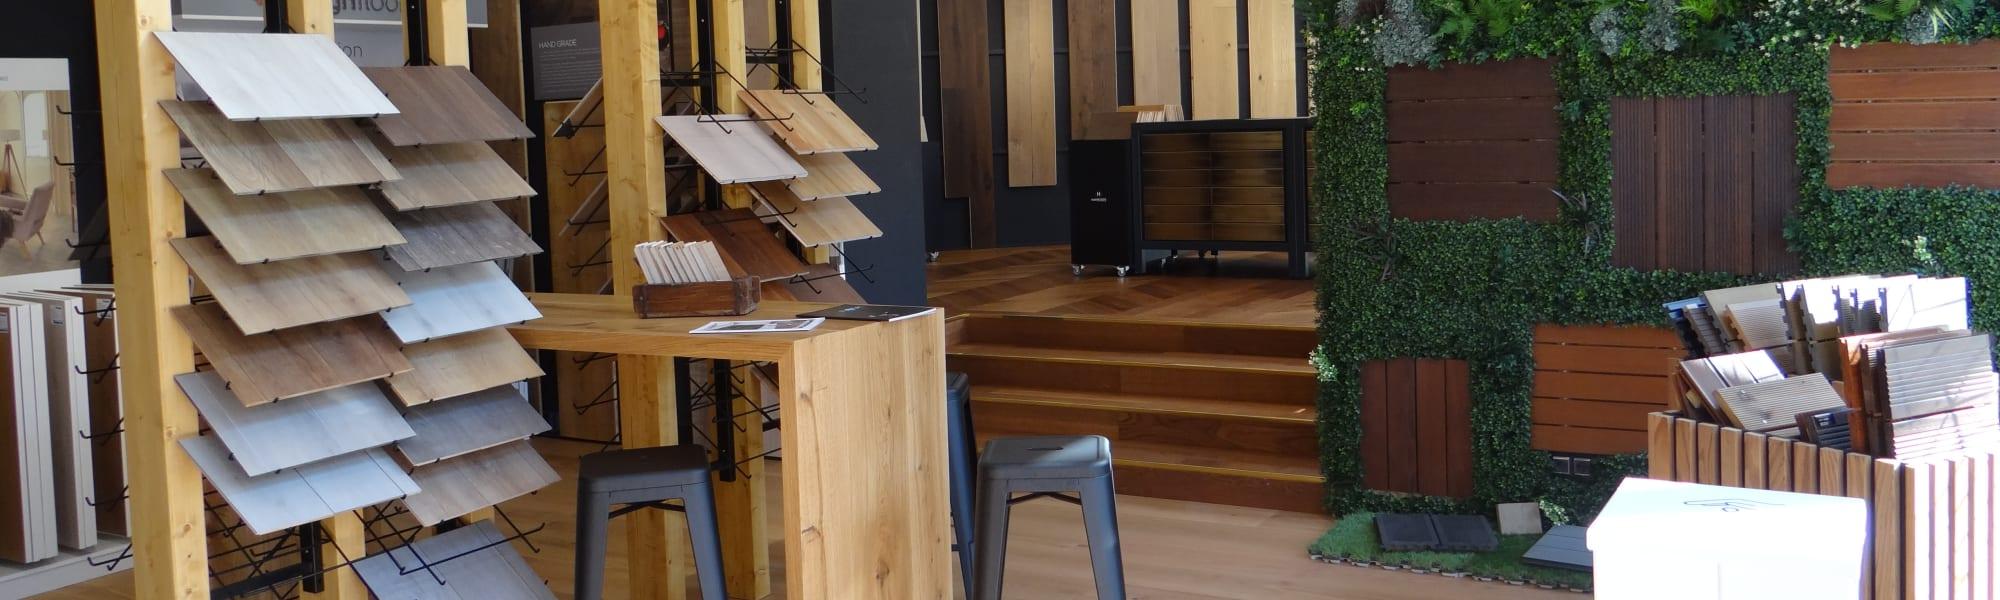 Havwoods Portugal Showroom